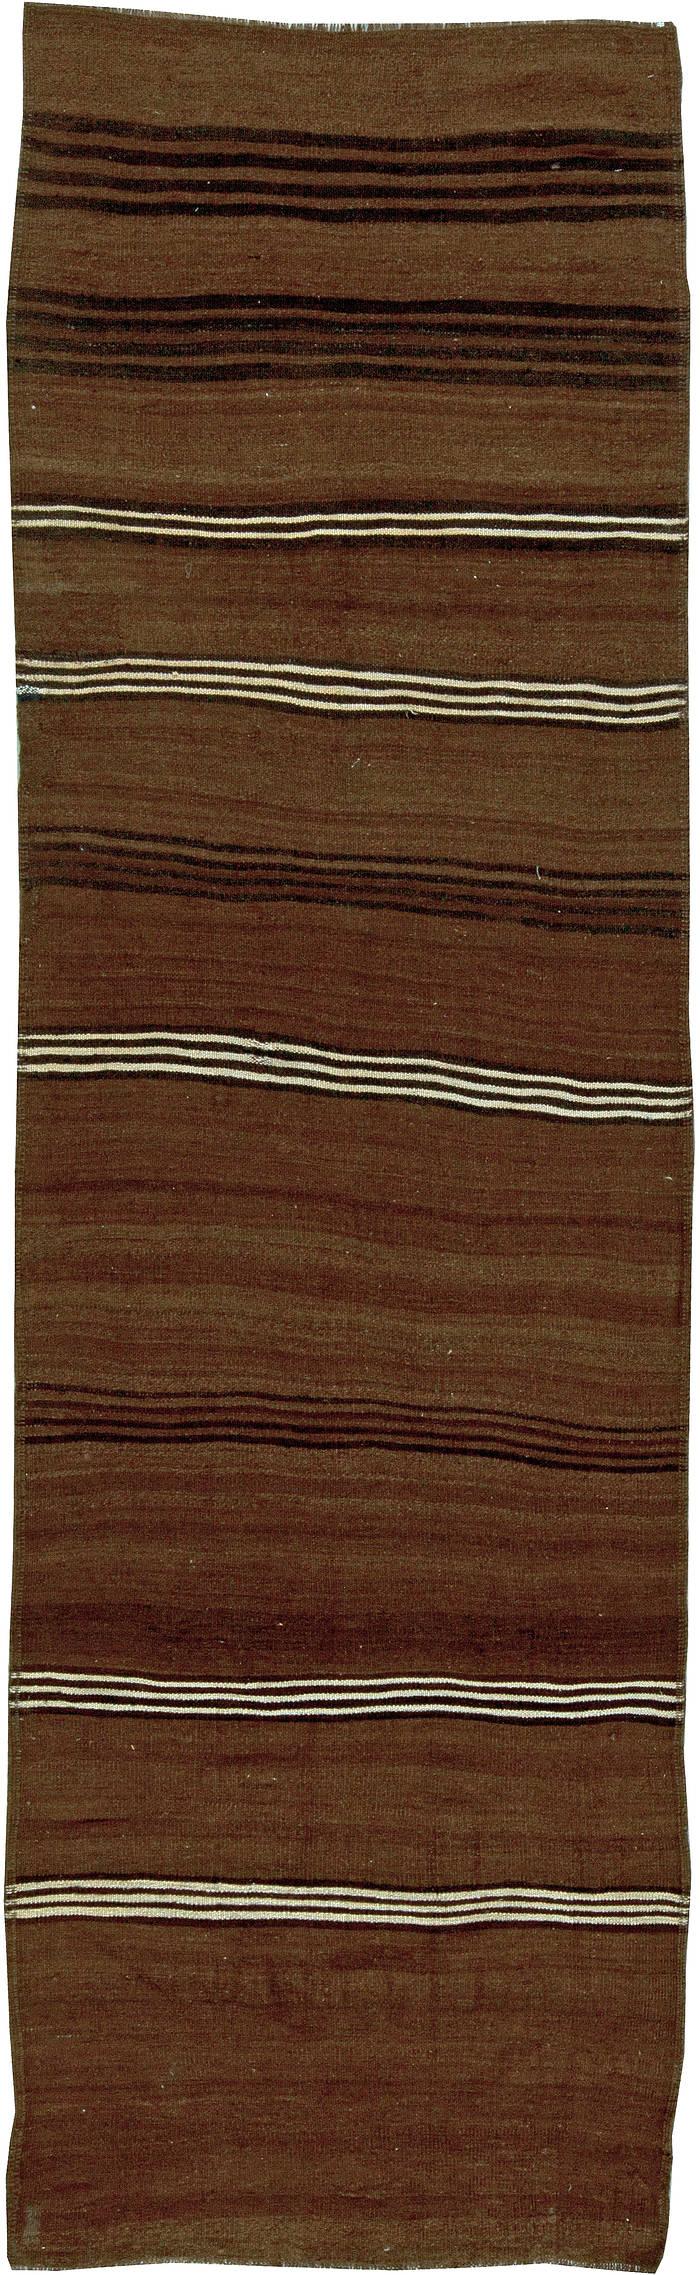 Antique Flat weave Turkish Runner BB5784